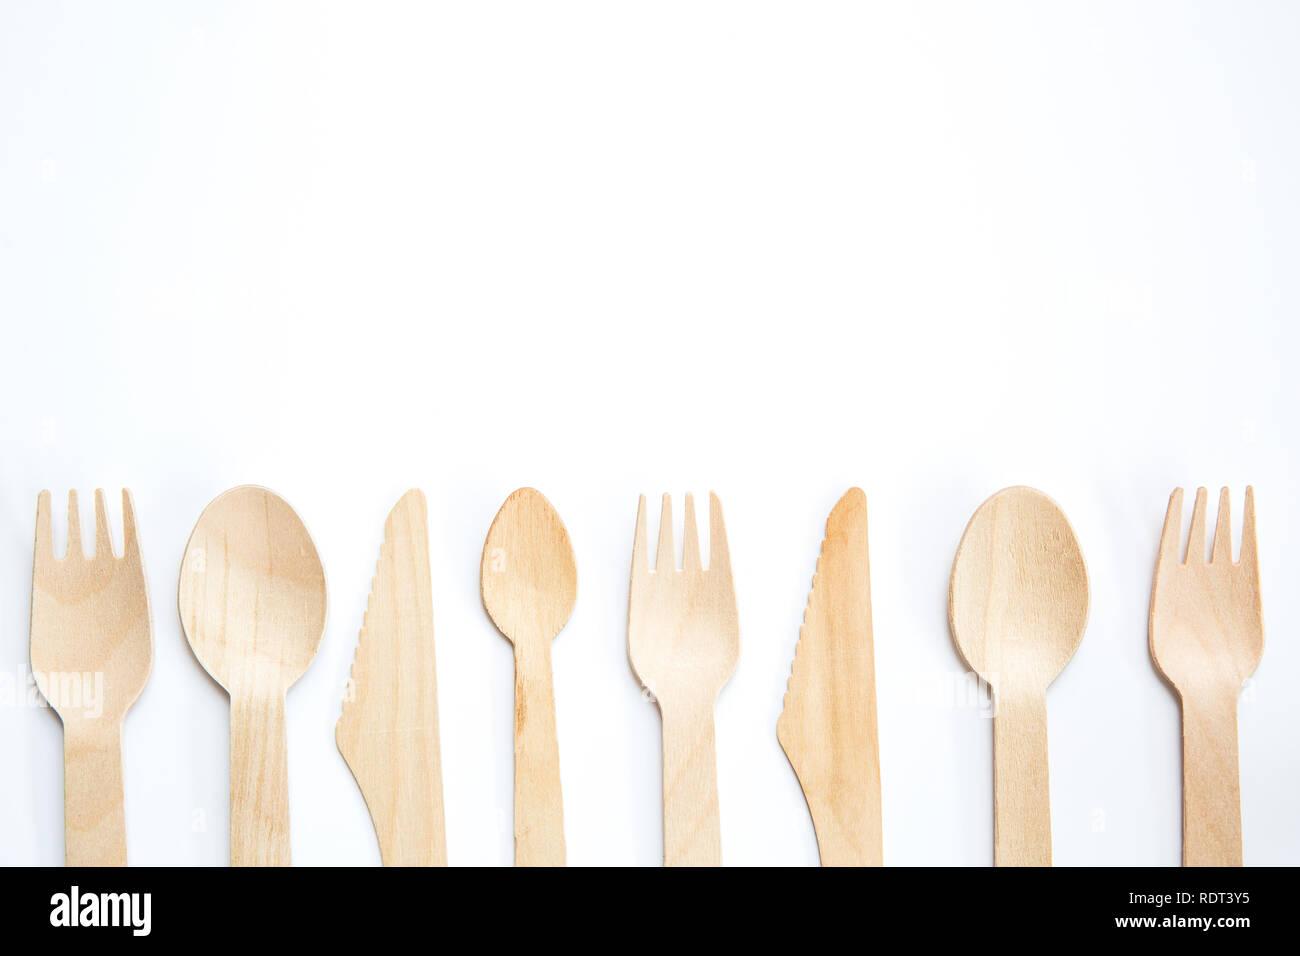 Ein flach aus einer Vielzahl von nachhaltigen und umweltfreundlichen Holz Besteck mit Messer, Gabel und Löffel mit Kopie Raum auf weißem Hintergrund Stockbild